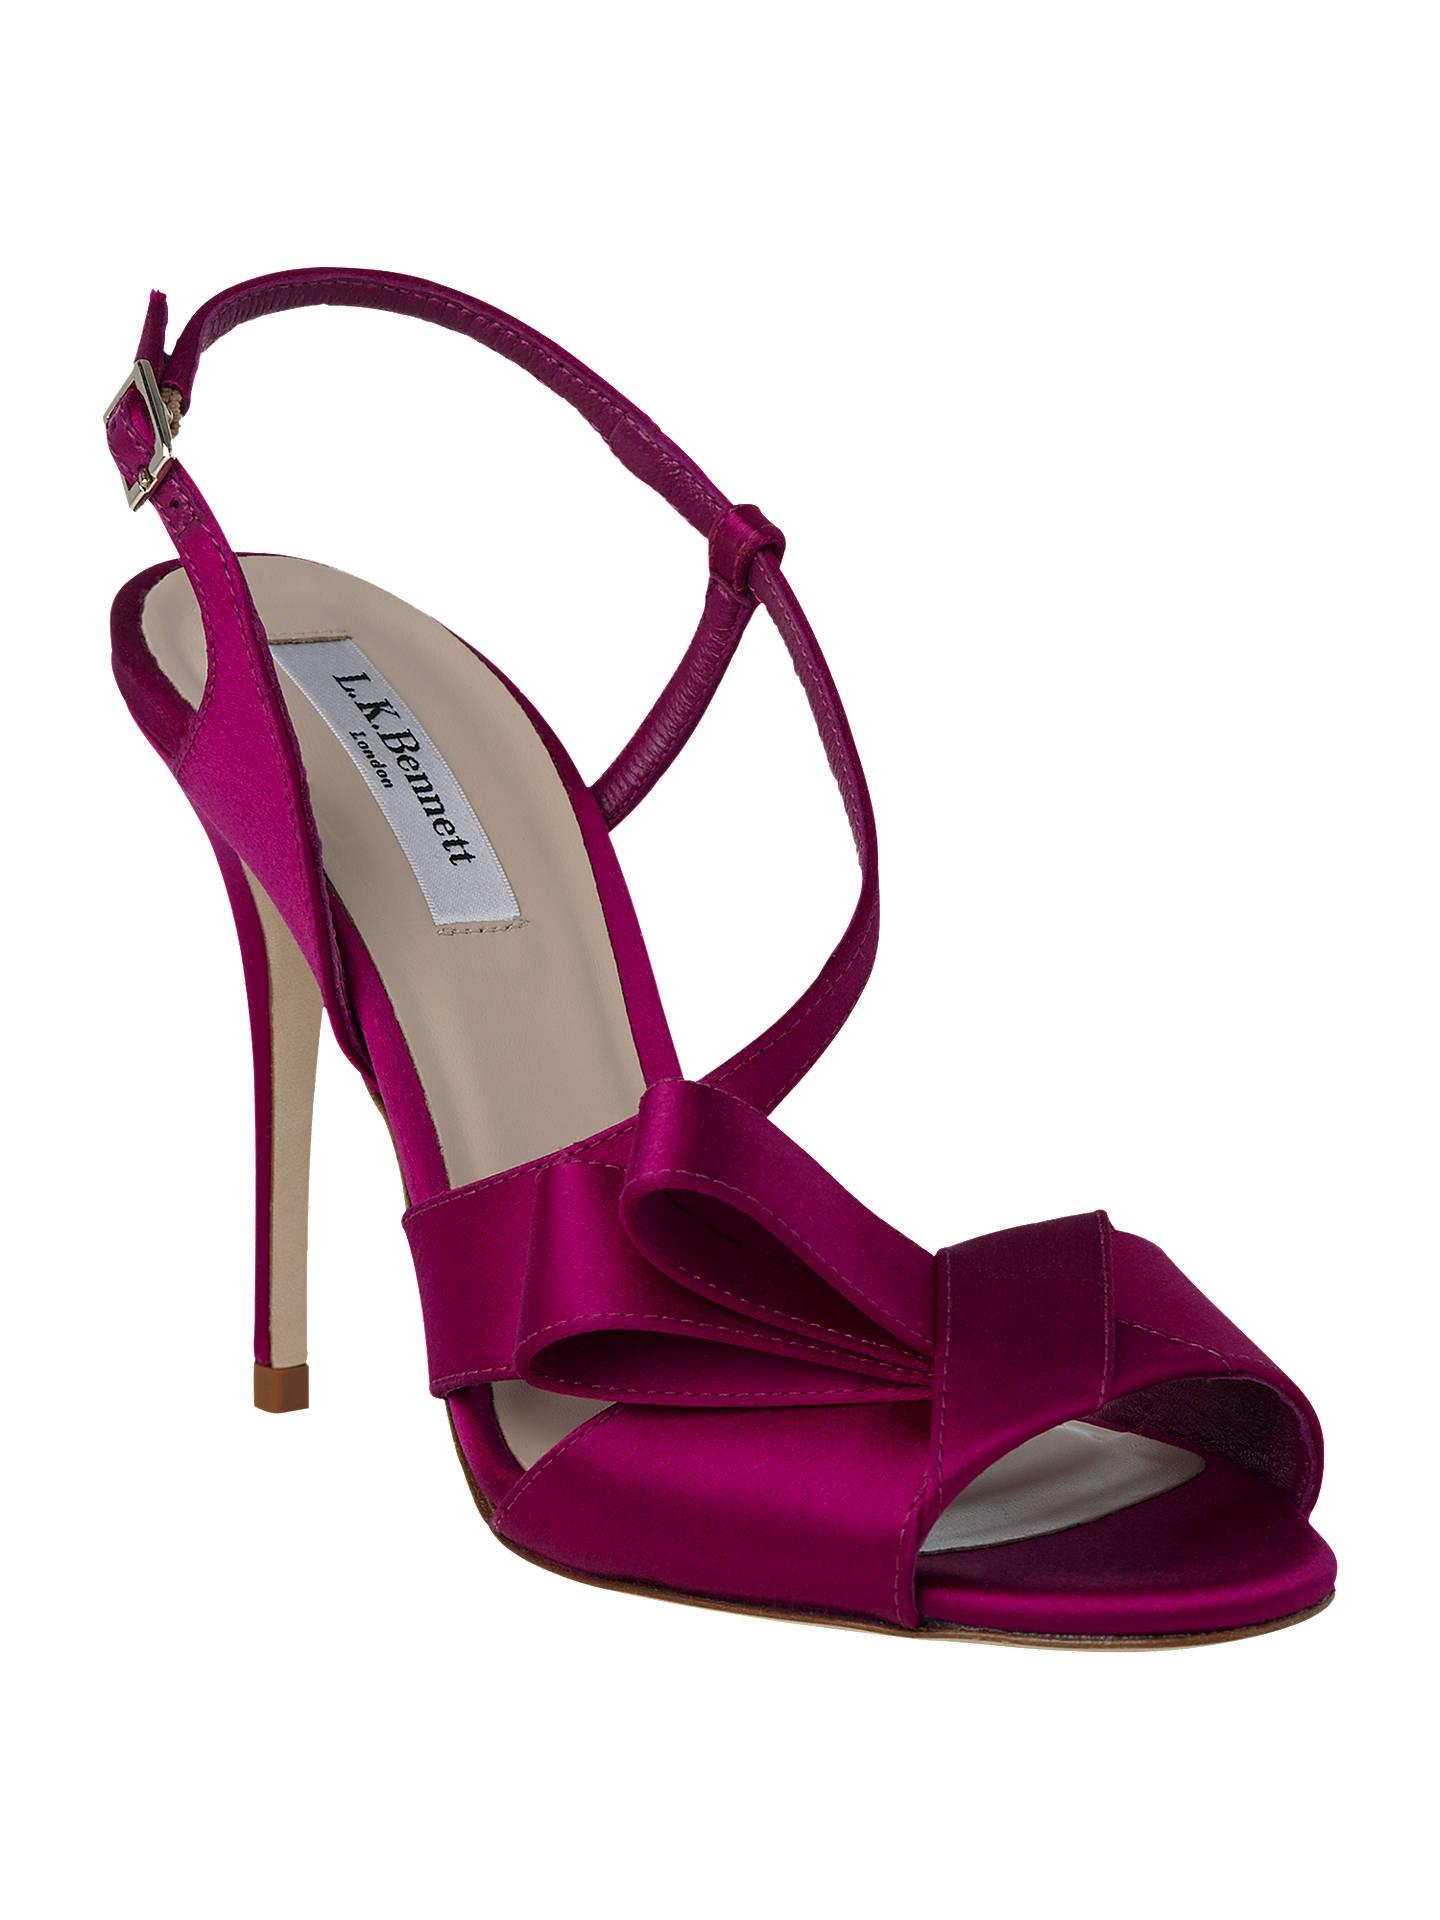 4ecd3d862e562a L.K. Bennett Erica Formal High Heel Sandals at John Lewis   Partners